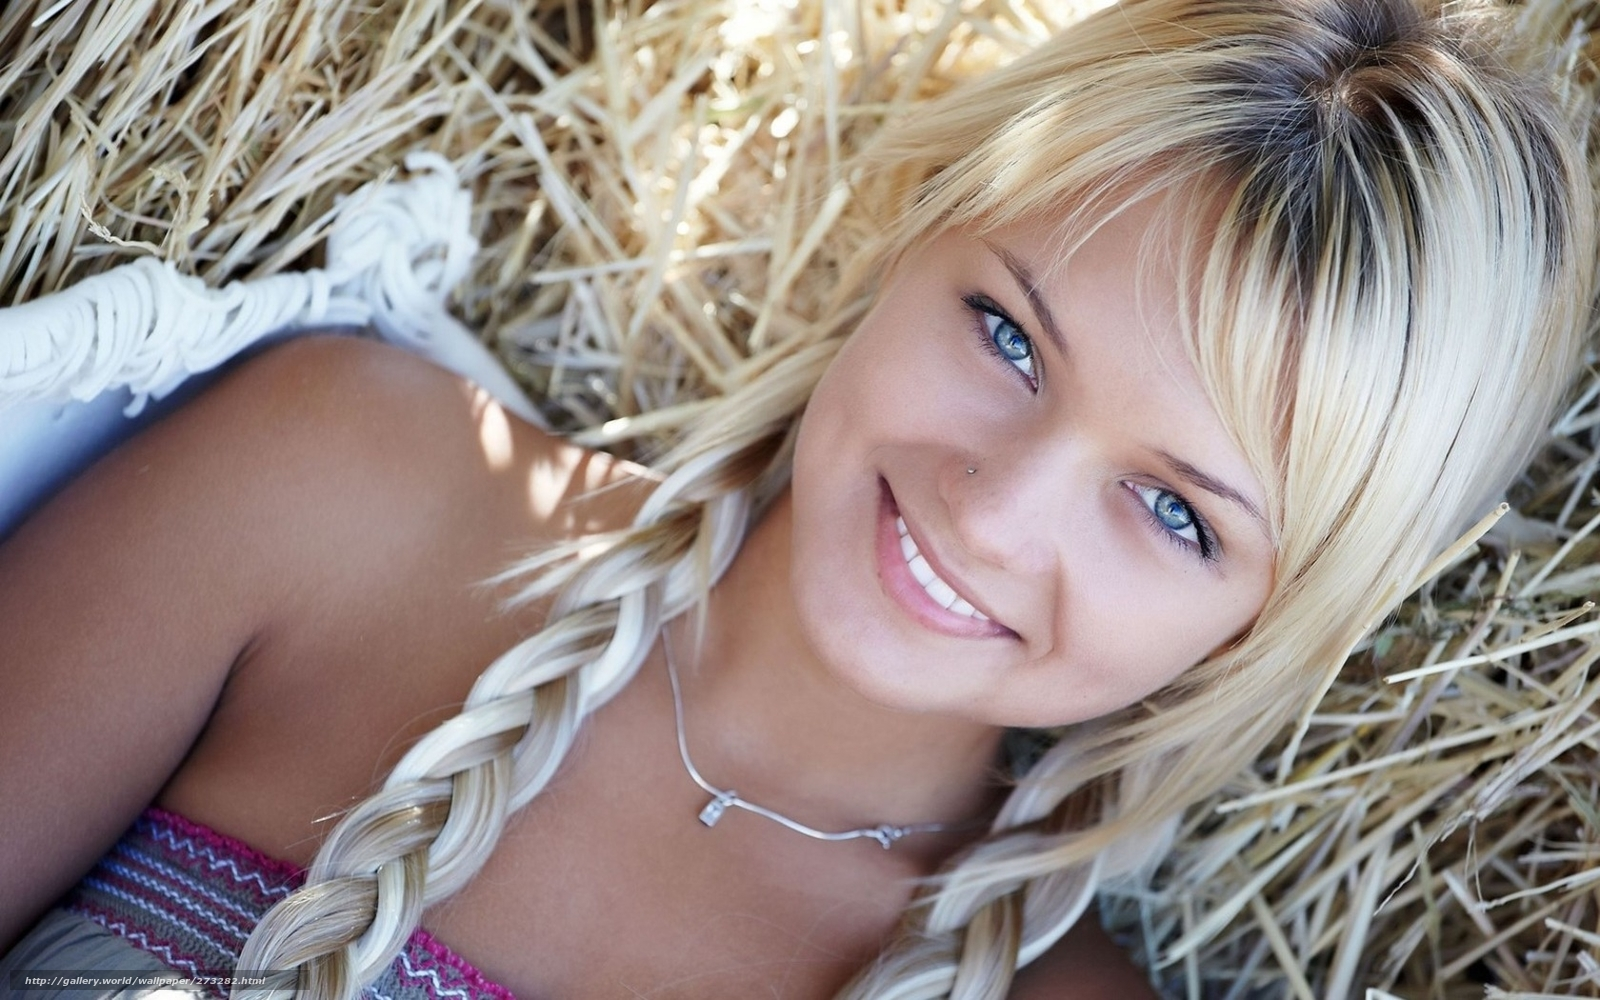 Фото влагалище девочек бесплатно без регистрации и смс 20 фотография